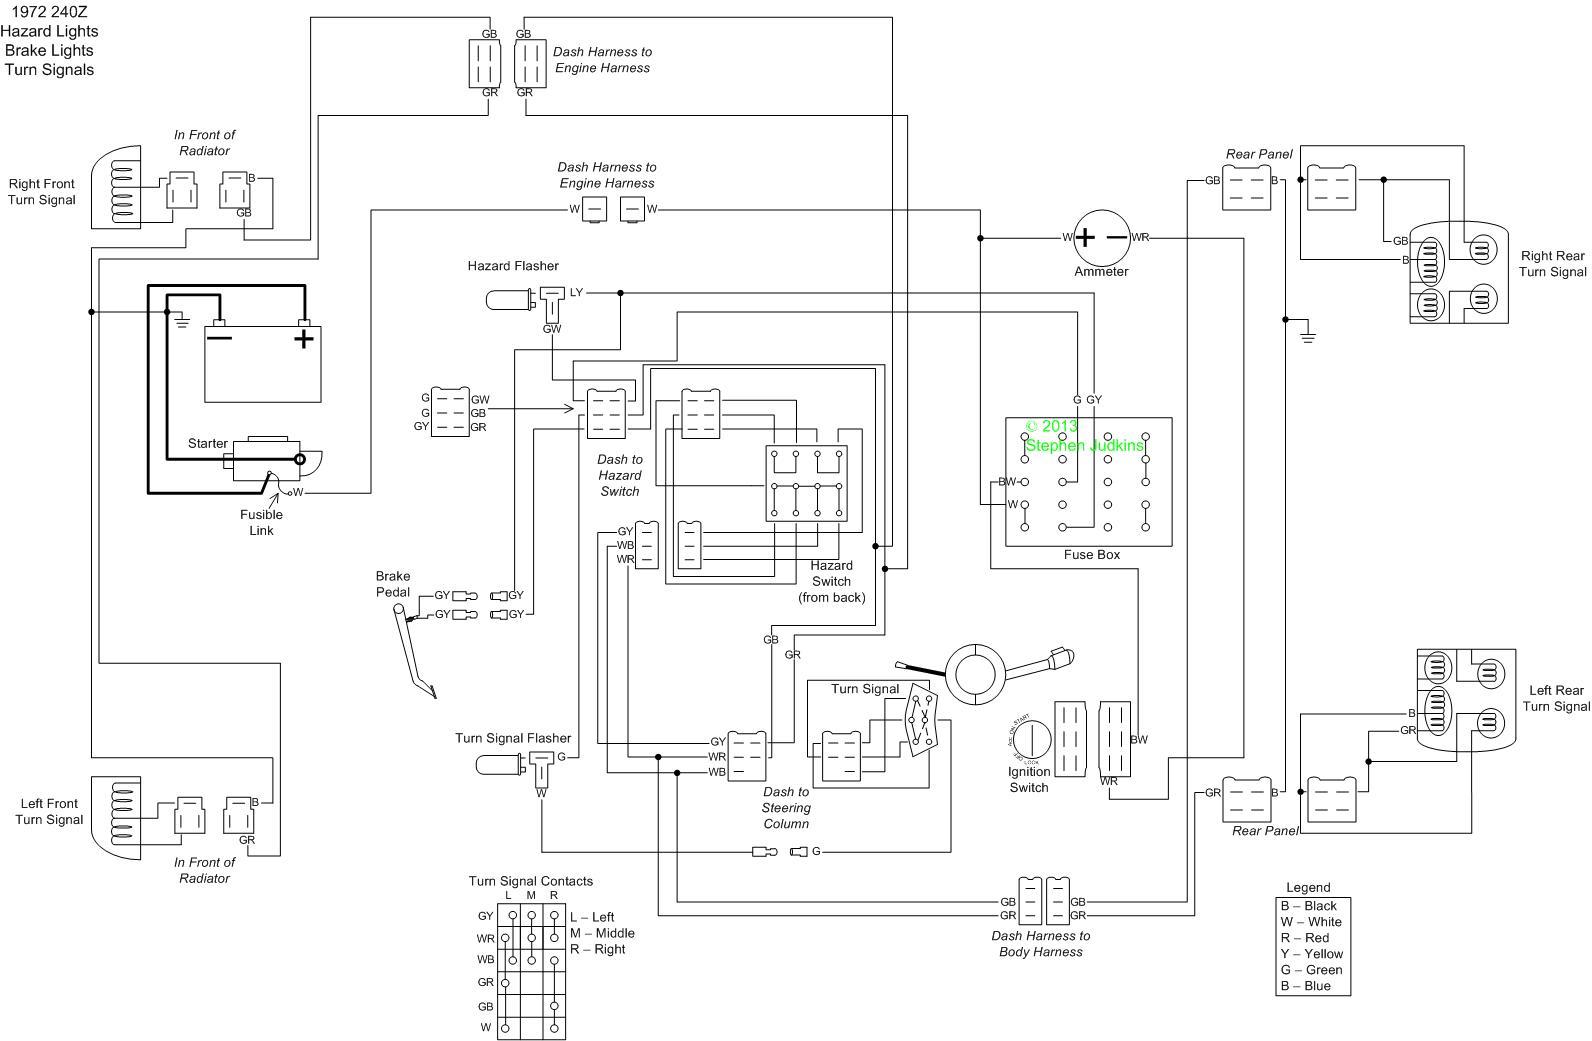 Turn Signal Circuit Analysis